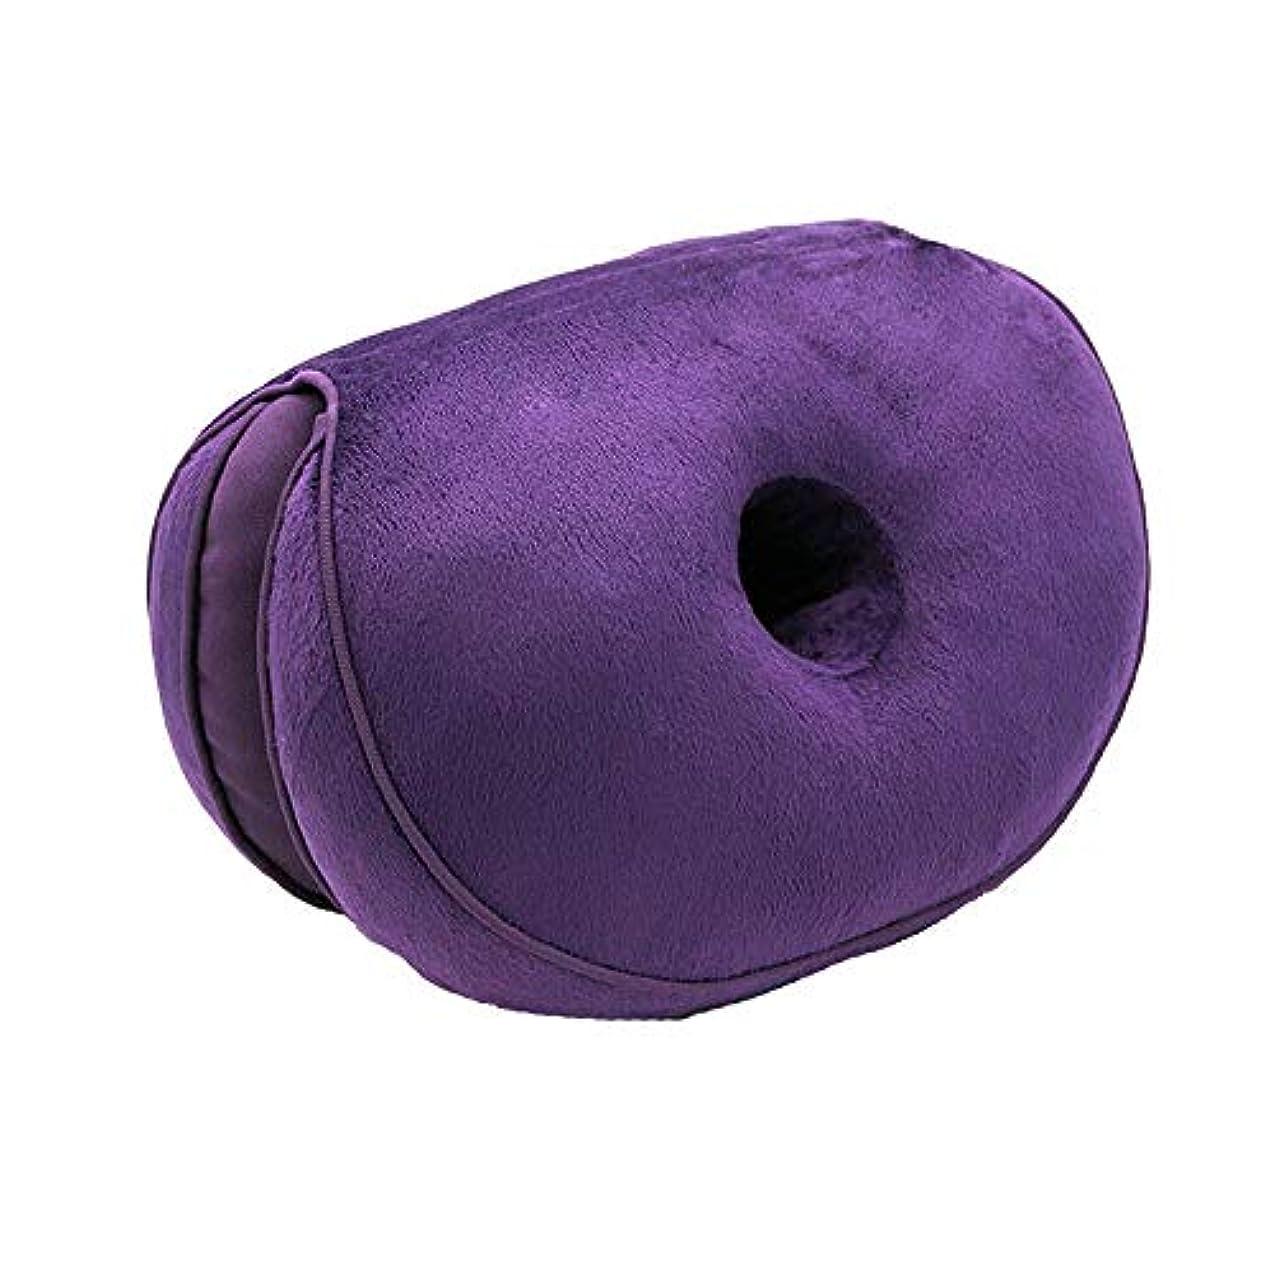 姓アーティスト火LIFE 新デュアルシートクッション低反発ラテックスオフィスチェアバックシートクッション快適な臀部マットパッド枕旅行枕女性女の子 クッション 椅子